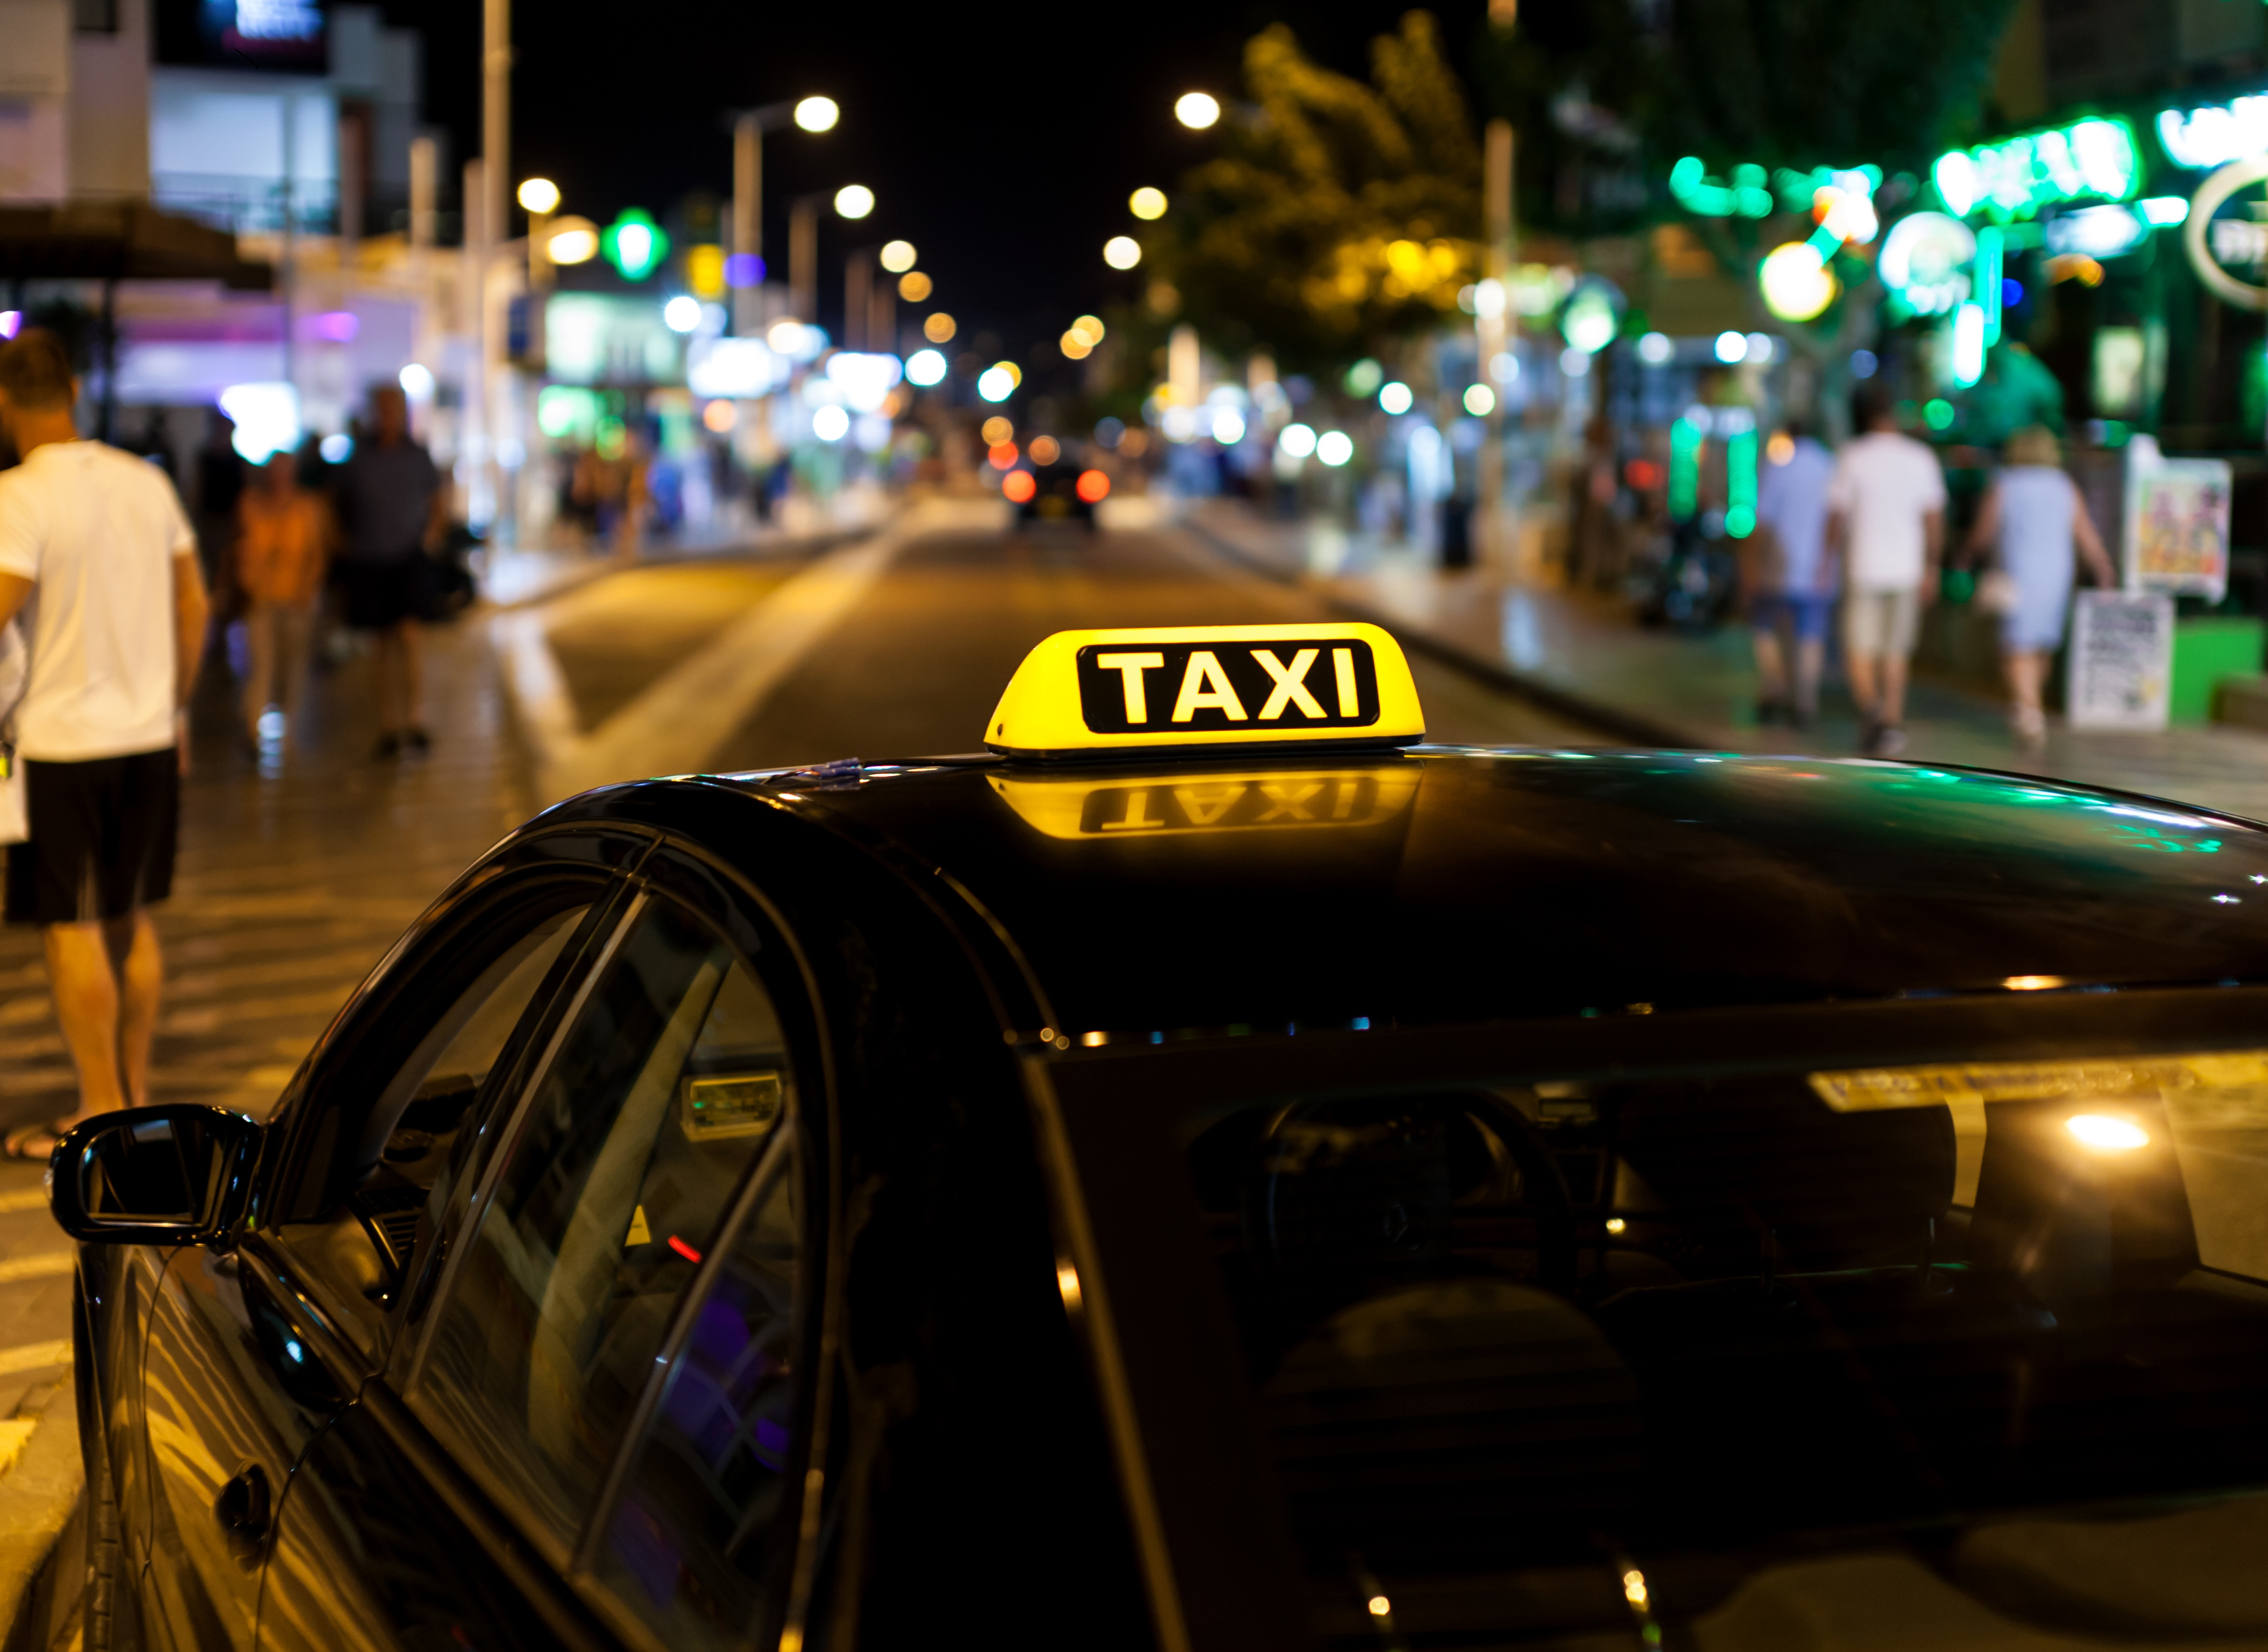 Het taxibeleid gaat onder de loep. (Foto: Adobe Stock)